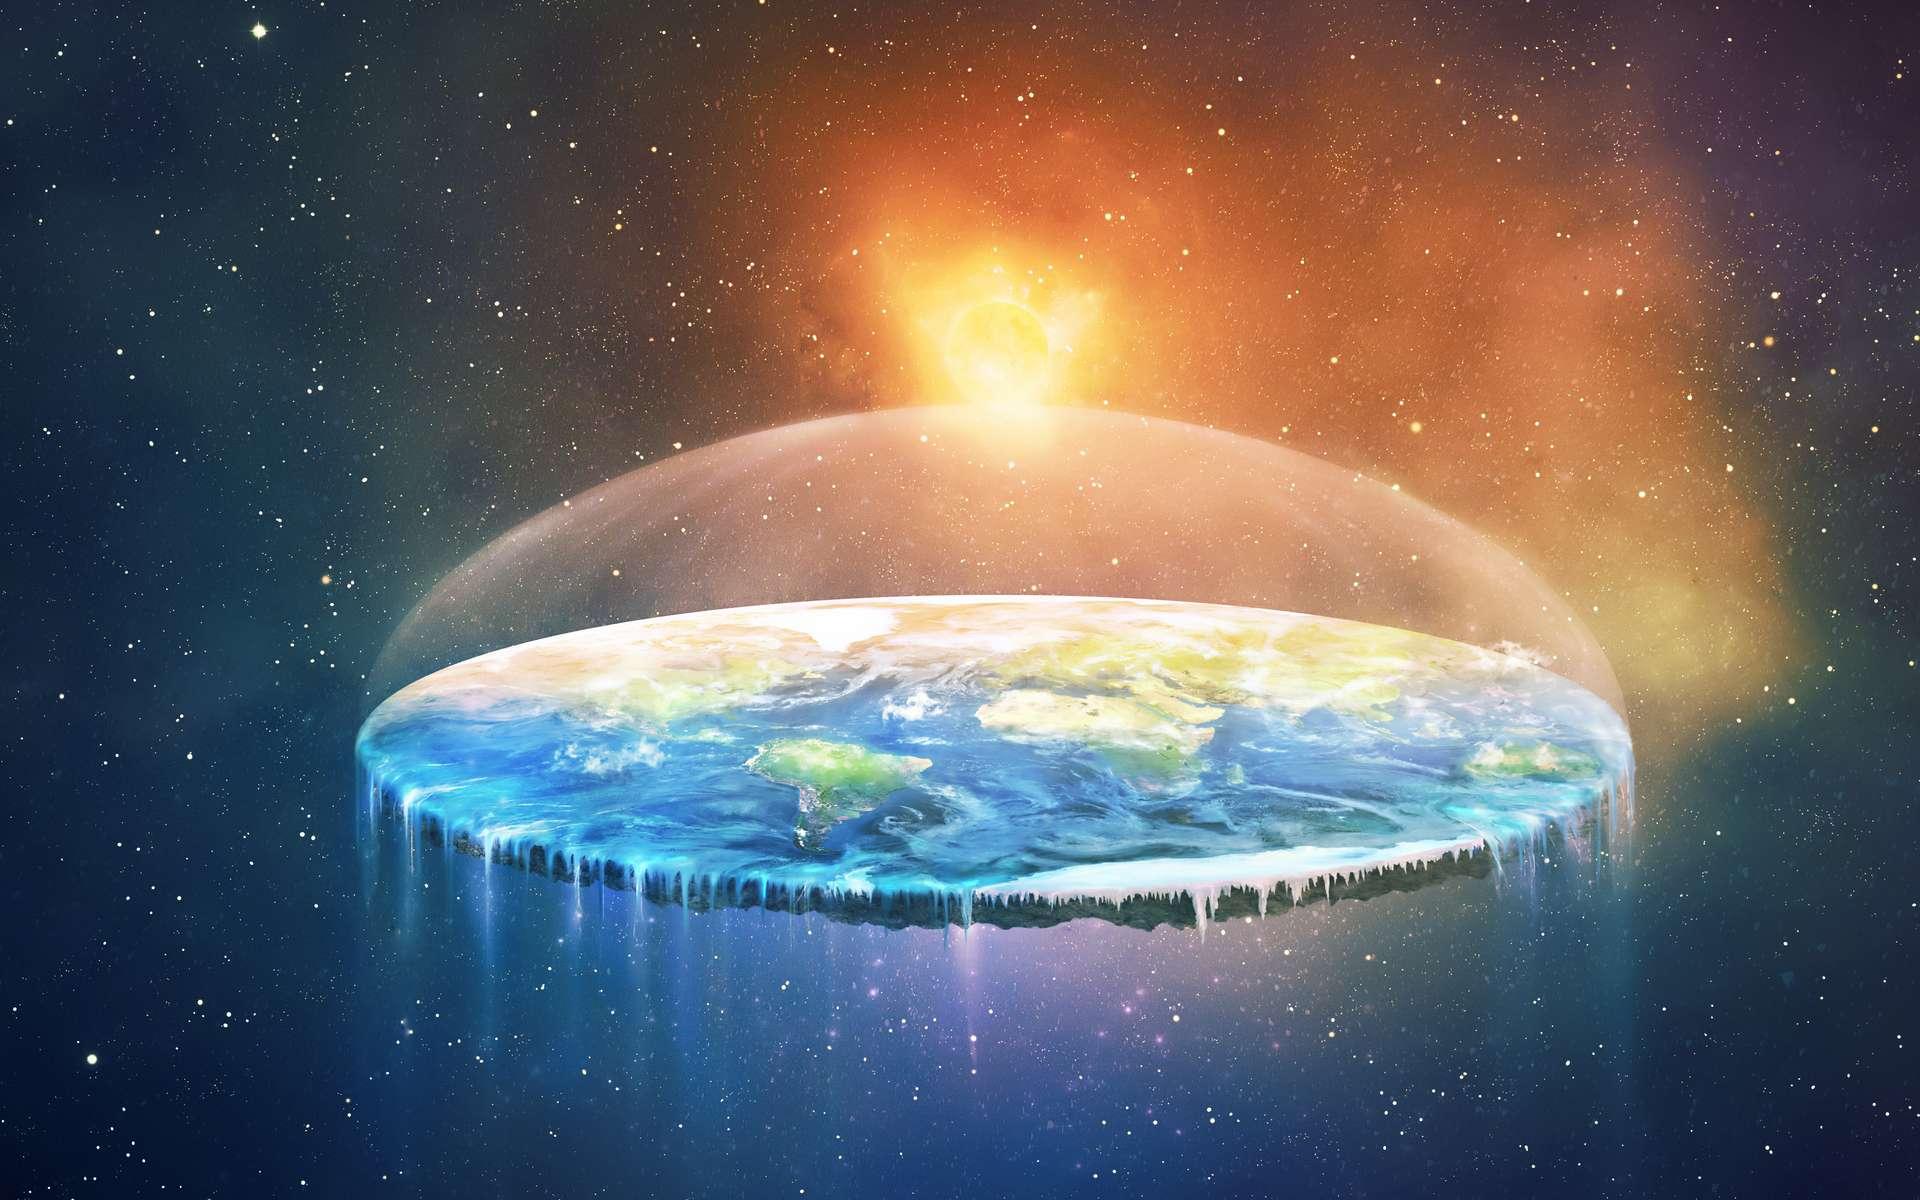 Des millions de Brésiliens sont des adeptes de la théorie de la Terre plate. © Kevin Carden, Adobe Stock